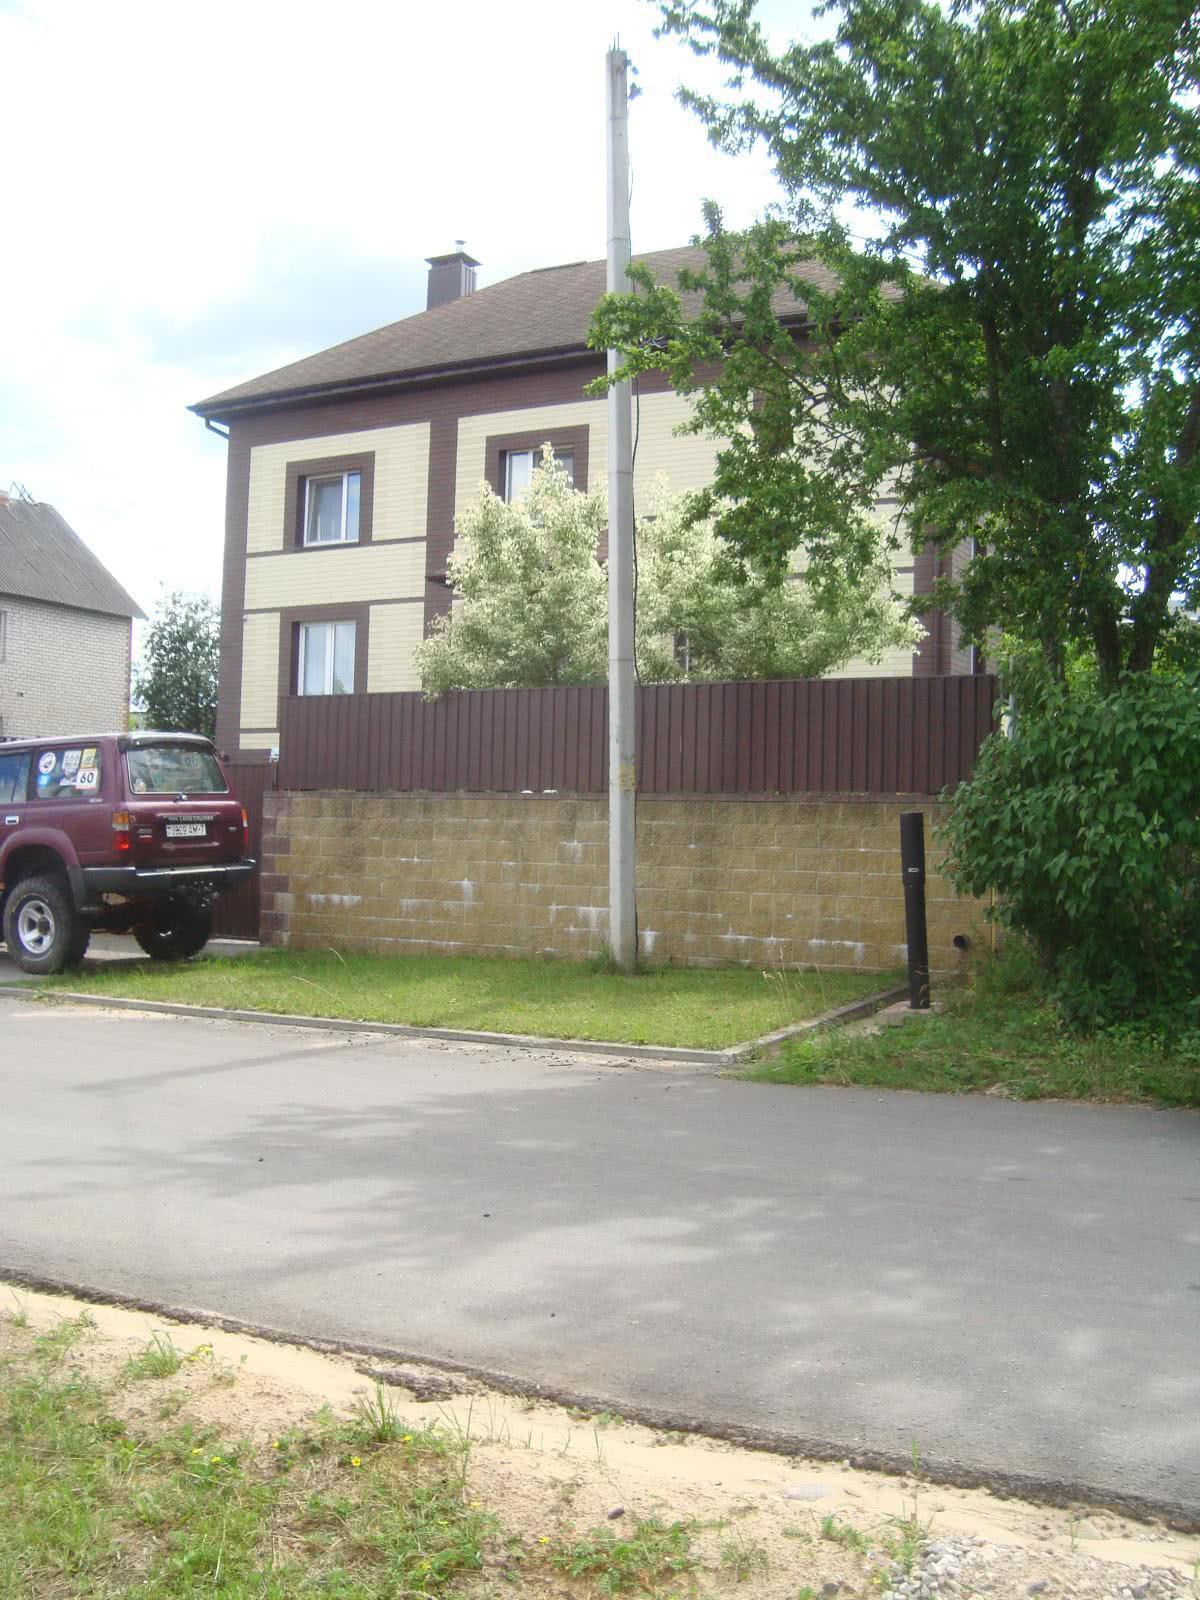 Купить 4-этажный коттедж в Заславле, ул. Ефремова, Минская область - фото 6